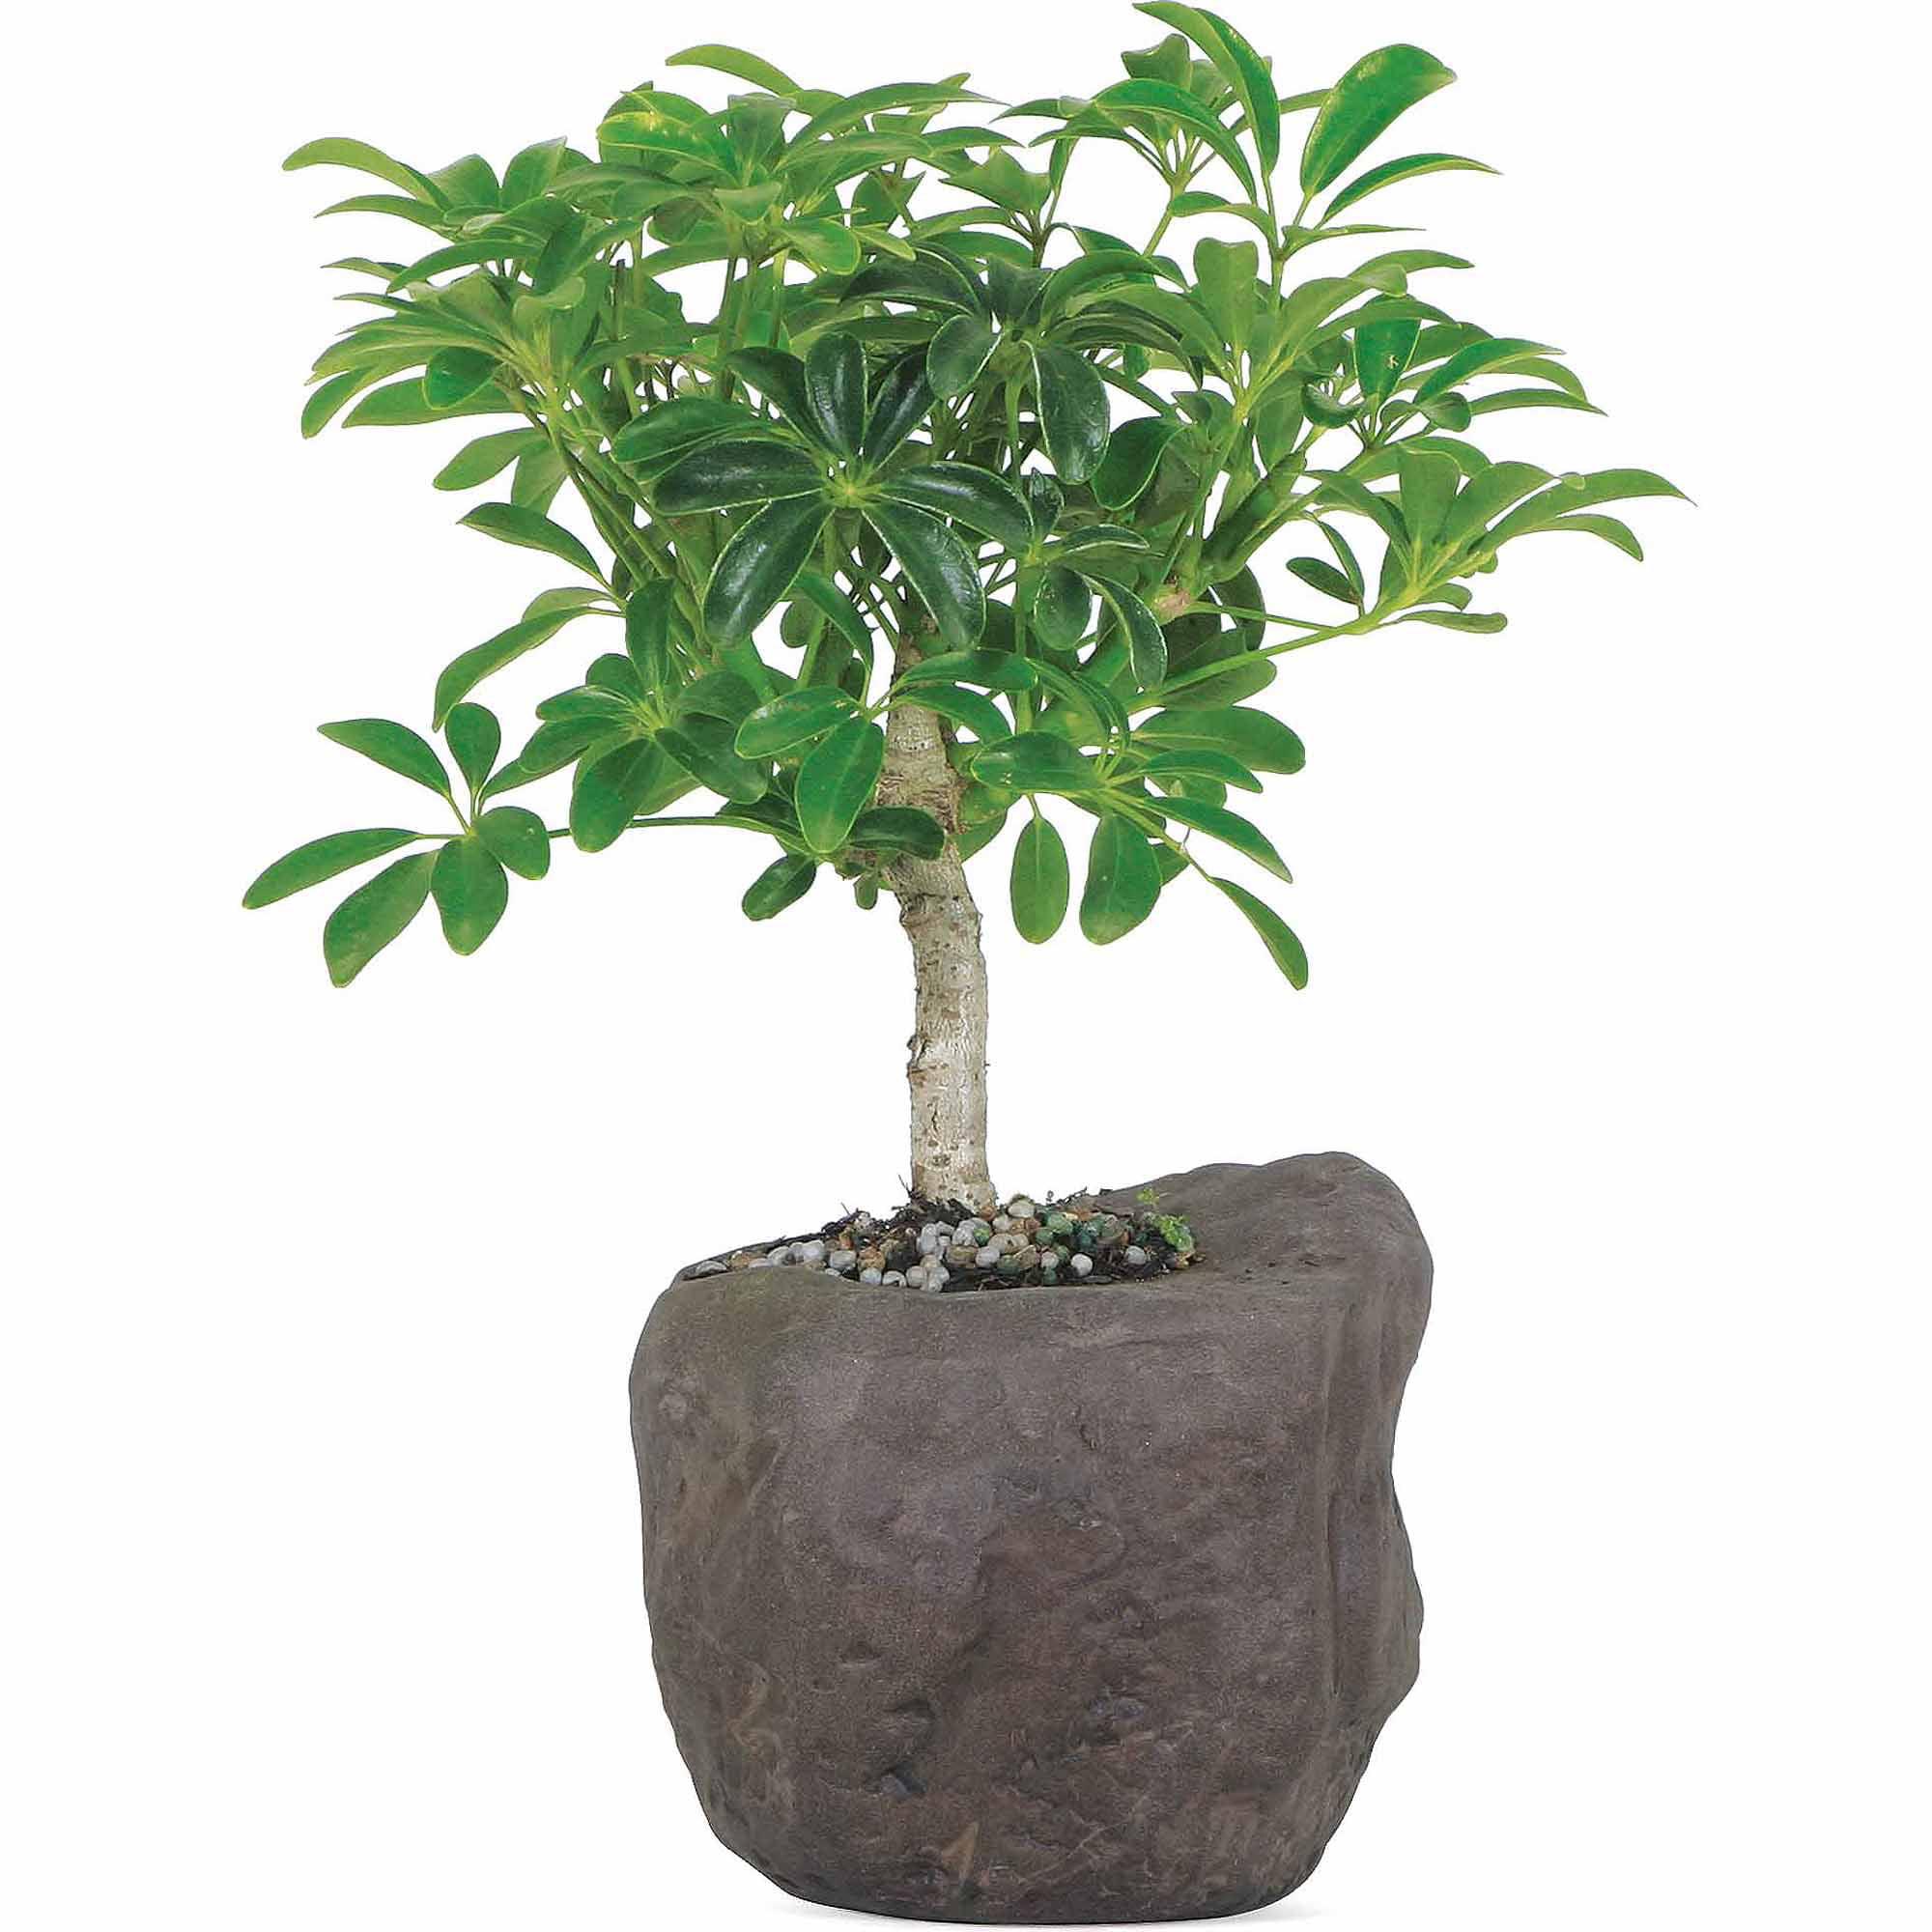 Hawaiian Umbrella Bonsai Tree In Rock Pot Walmart Com Walmart Com